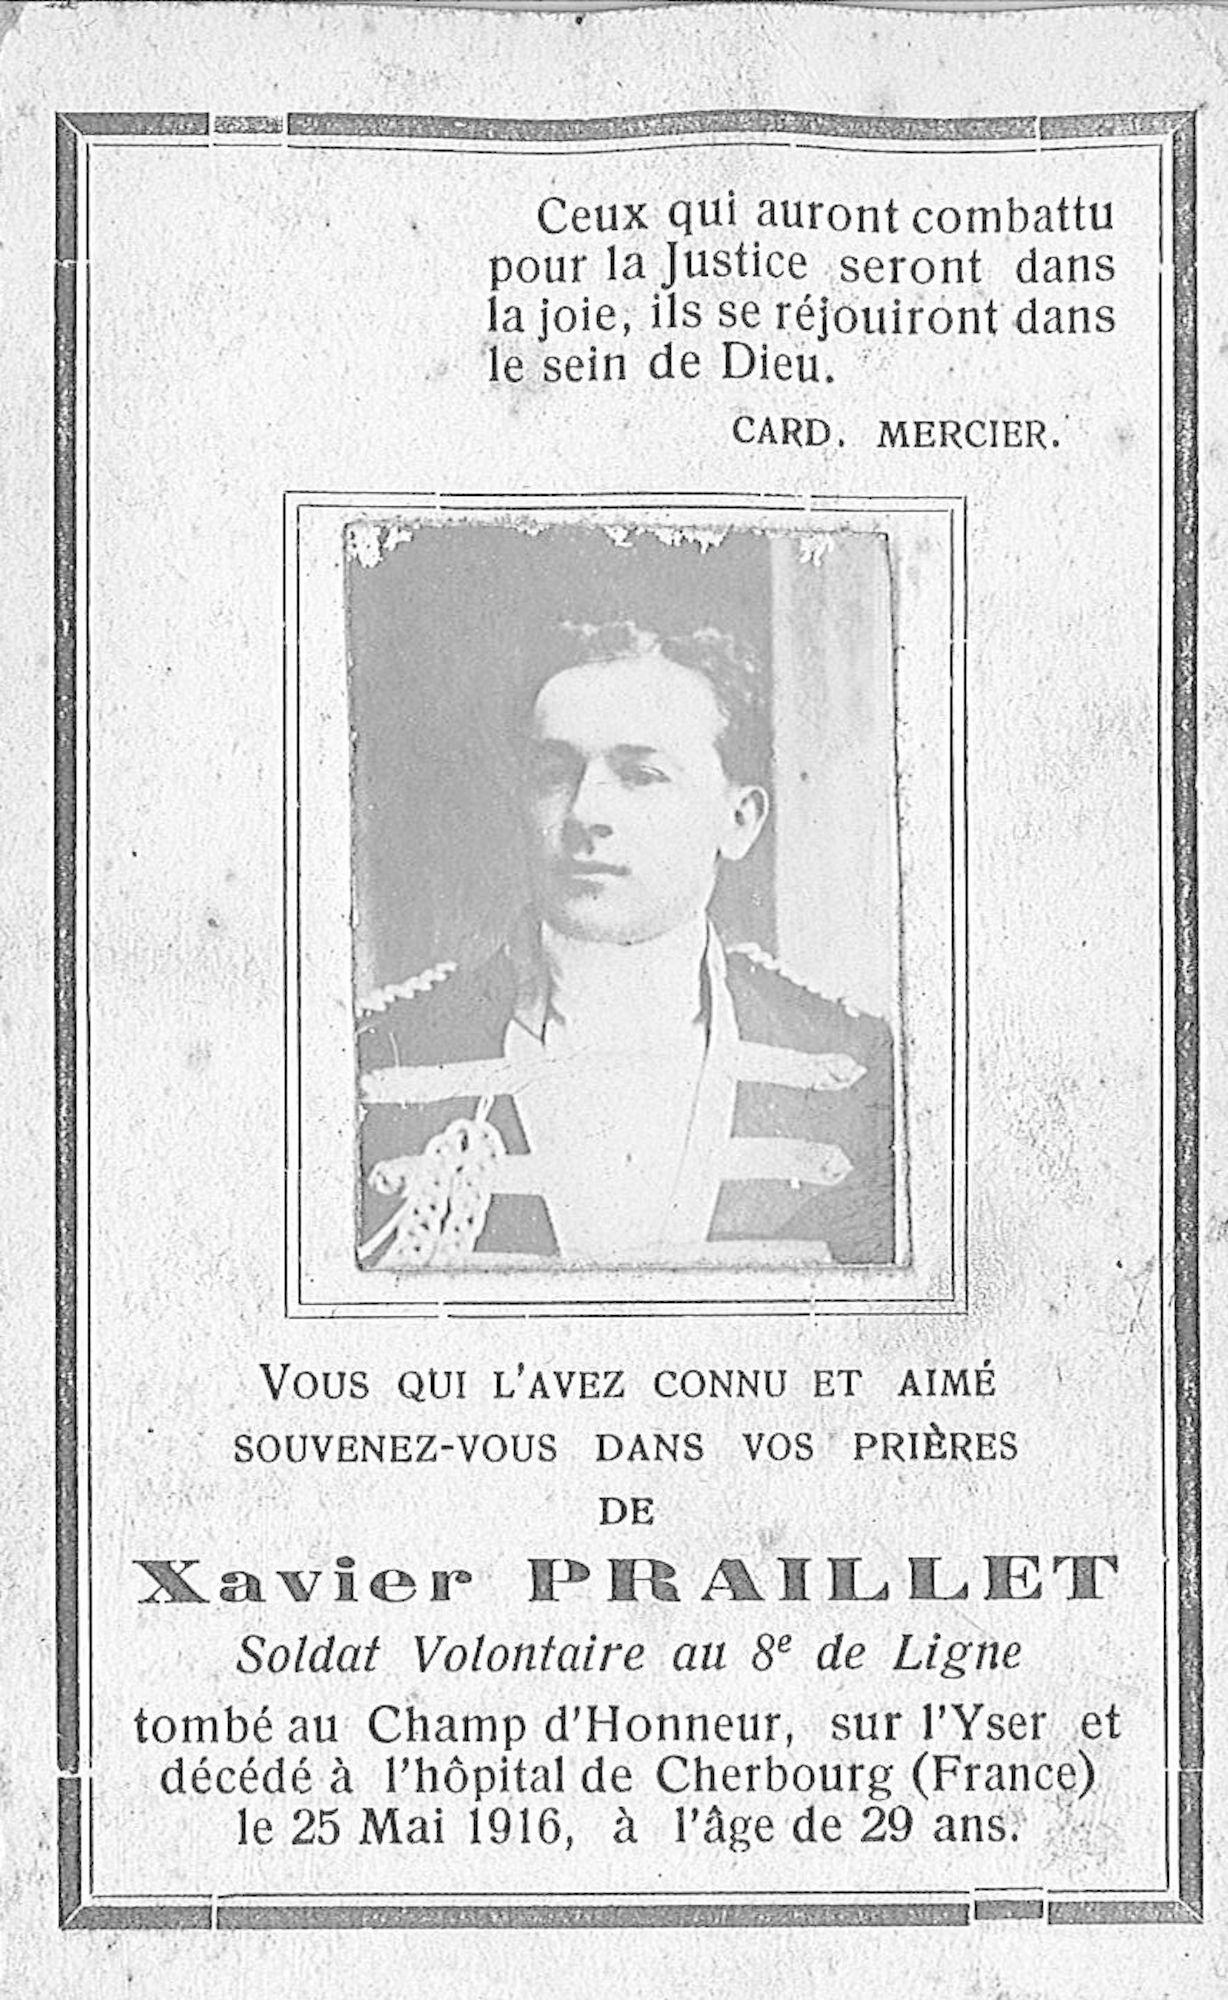 Xavier Praillet